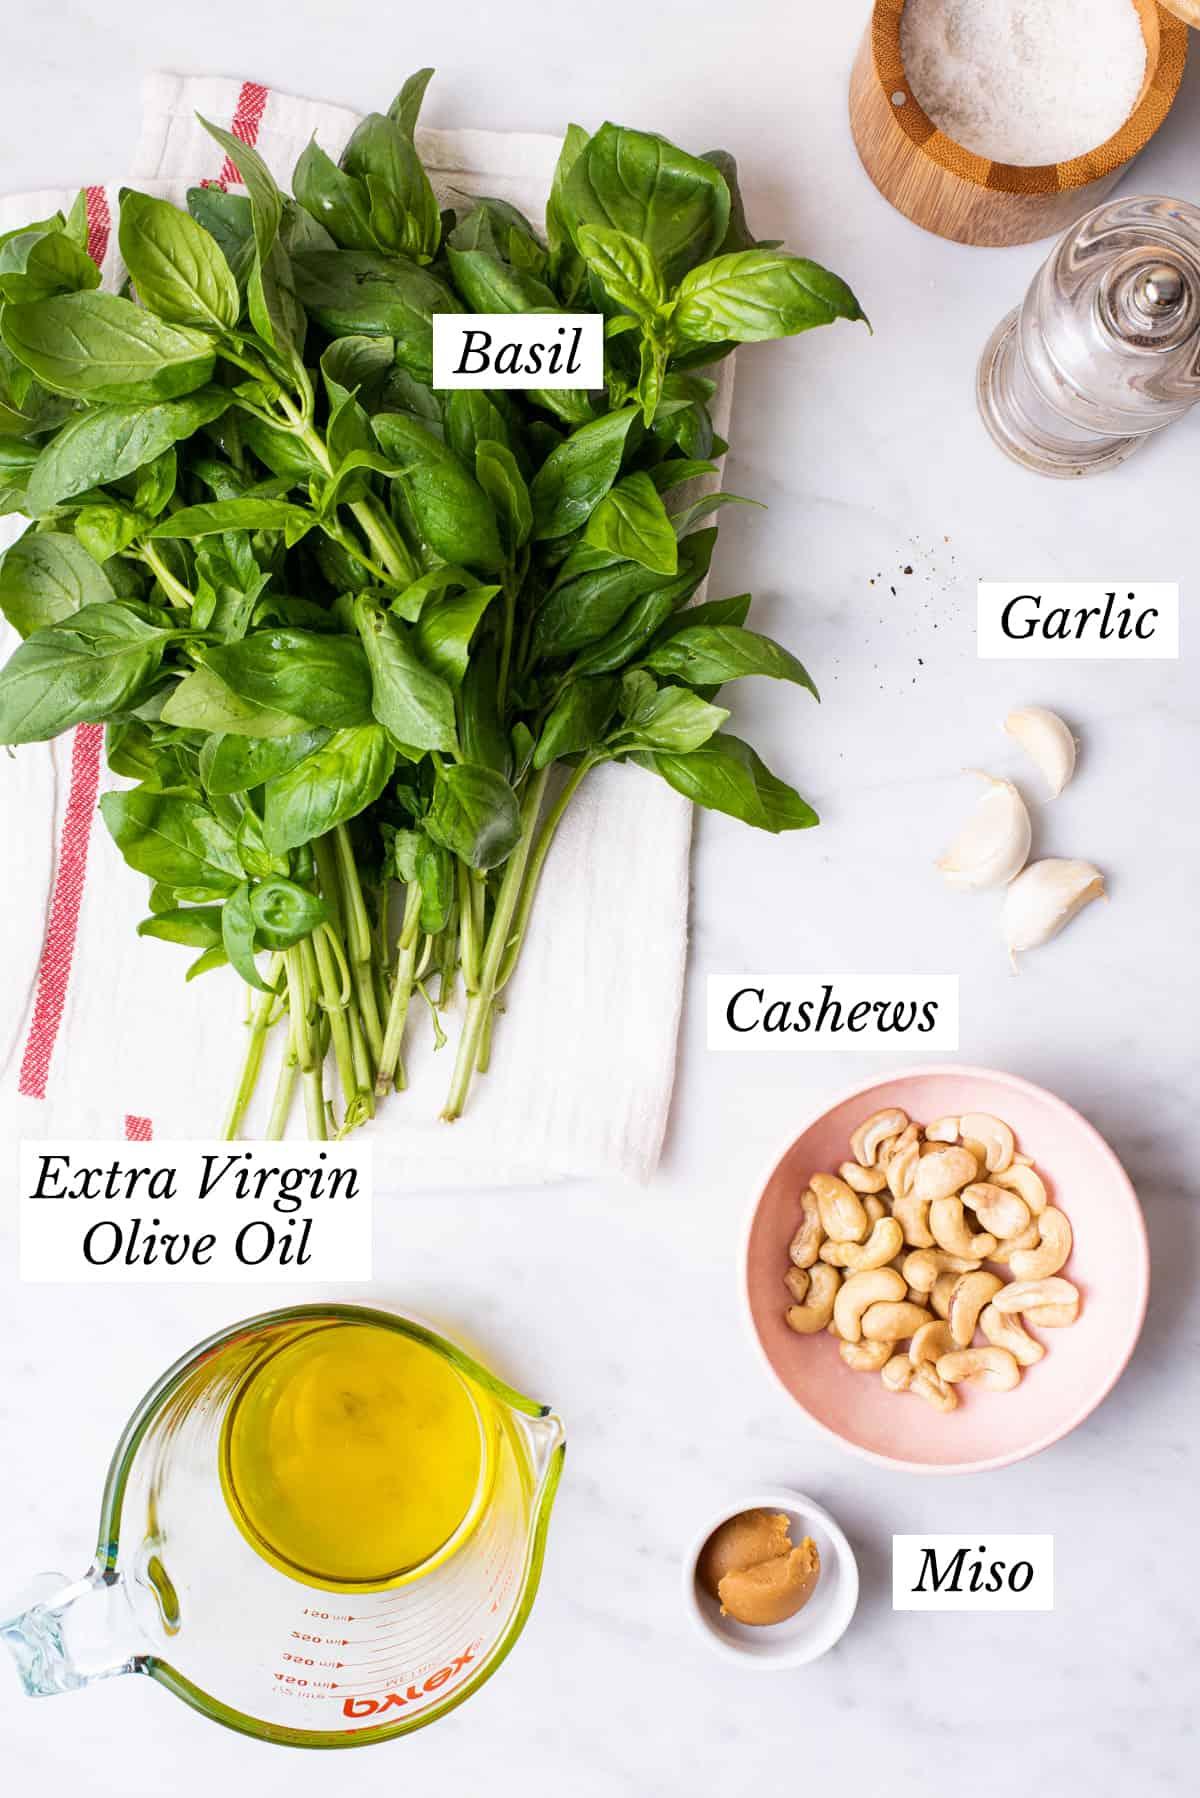 Ingredients gathered to make the best vegan pesto: basil, cashews, garlic, olive oil.